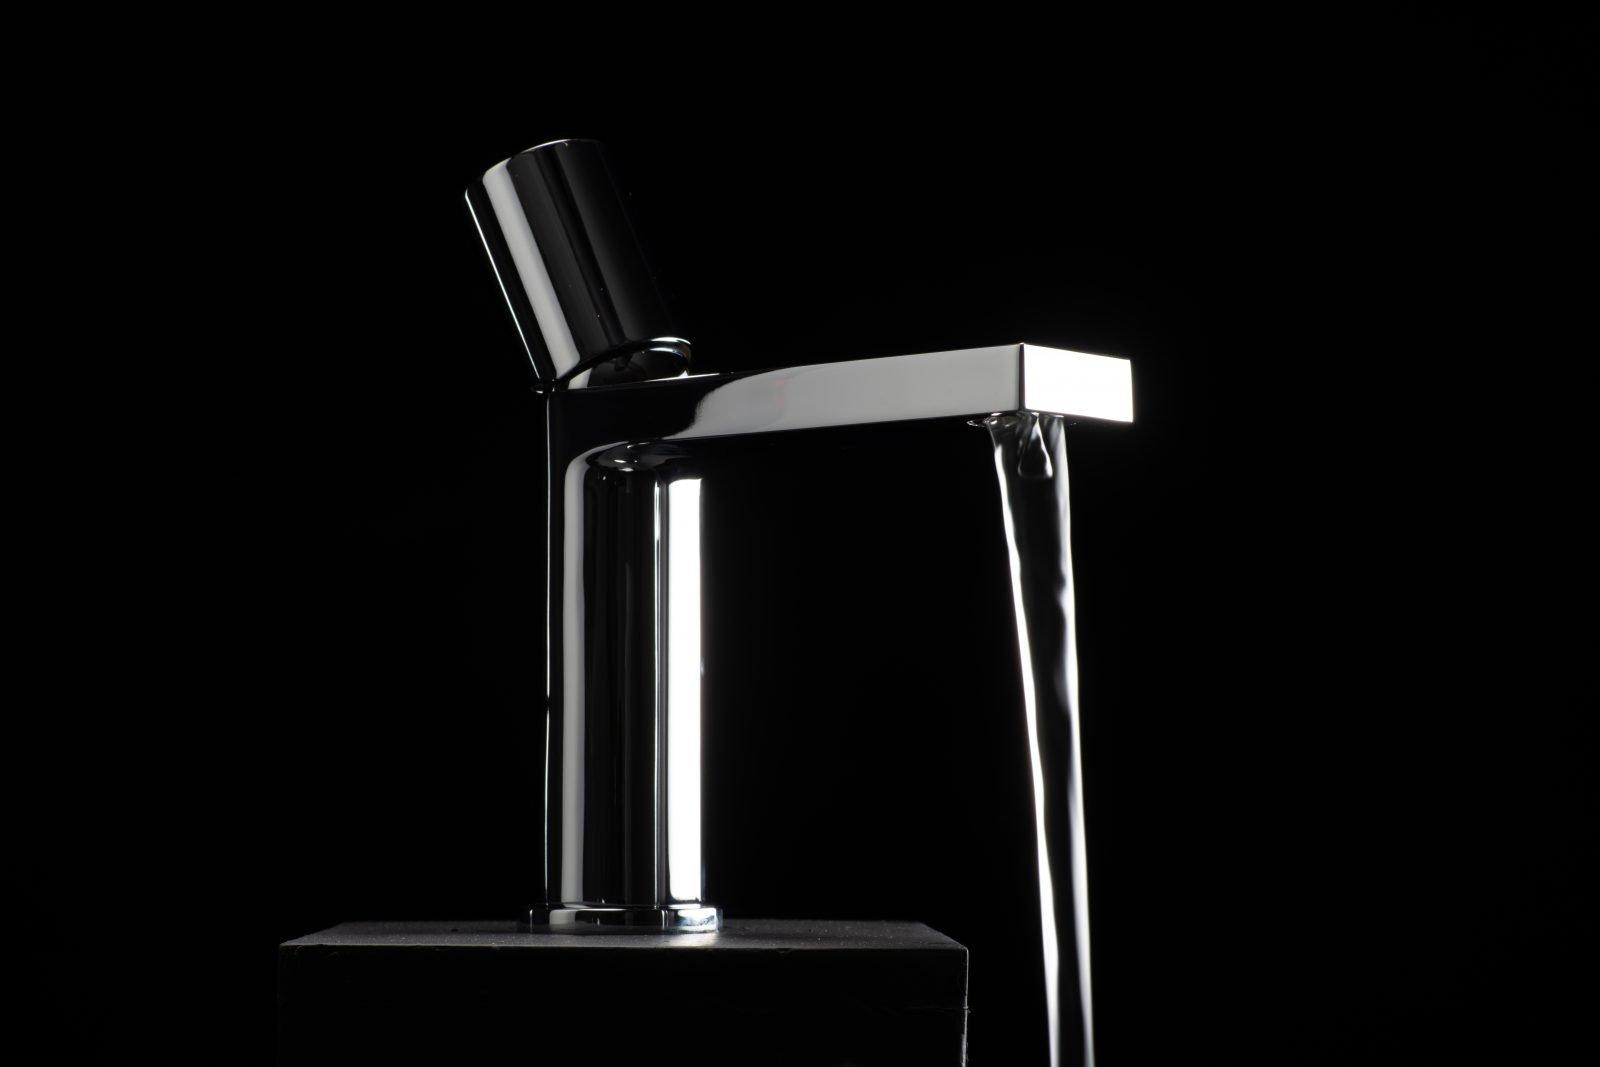 BP53 - Sannat wash hand basin tap